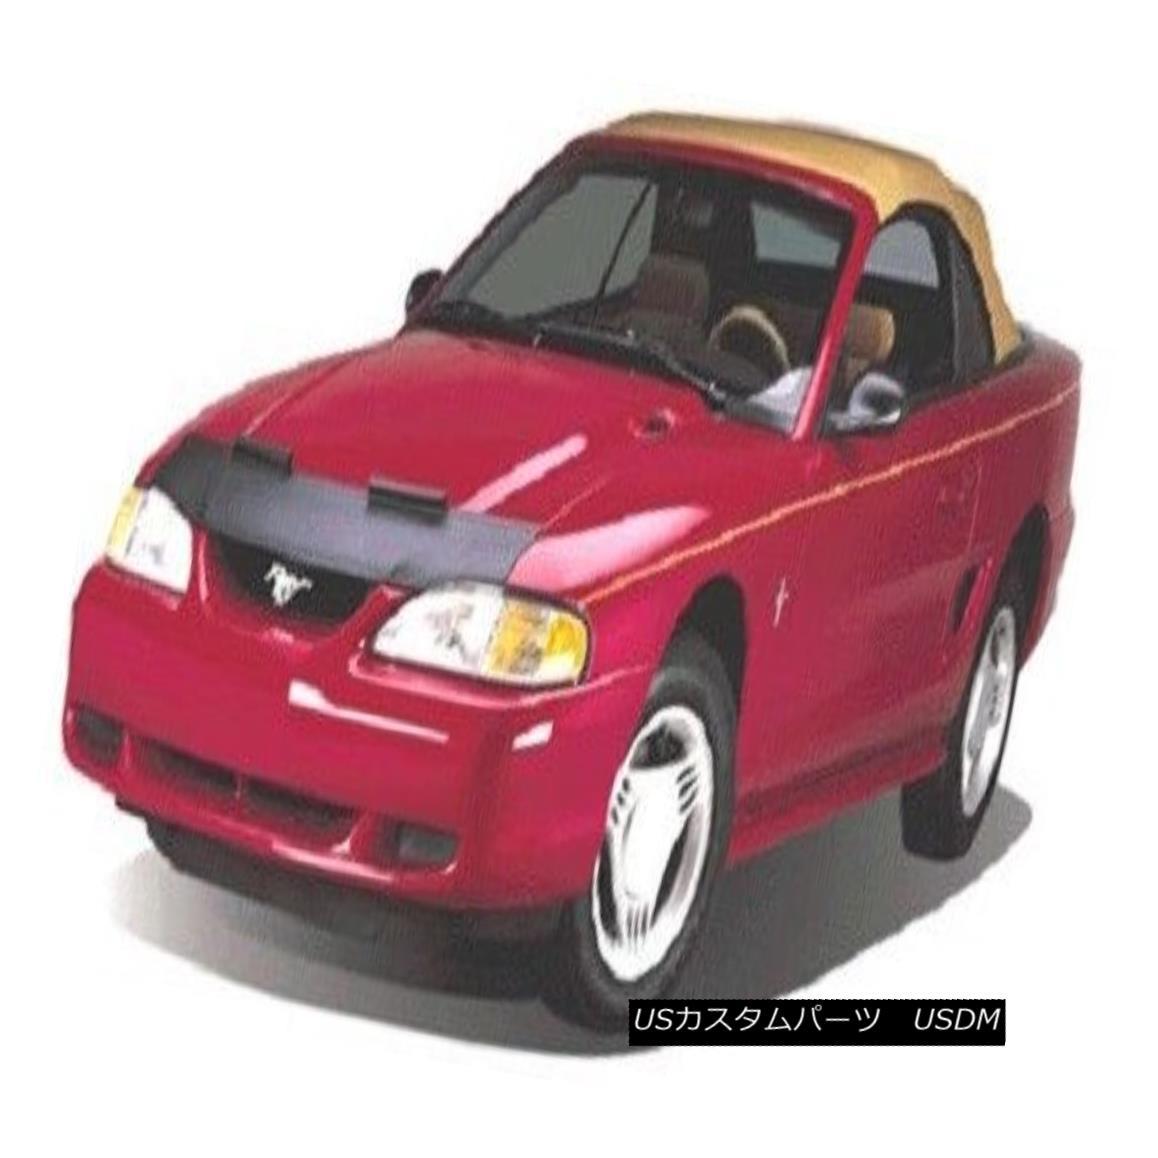 フルブラ ノーズブラ Lebra Hood Protector Mini Mask Bra Fits 2001-2005 Mazda Miata Lebraフードプロテクターミニマスクブラは2001-2005マツダMiataに合う